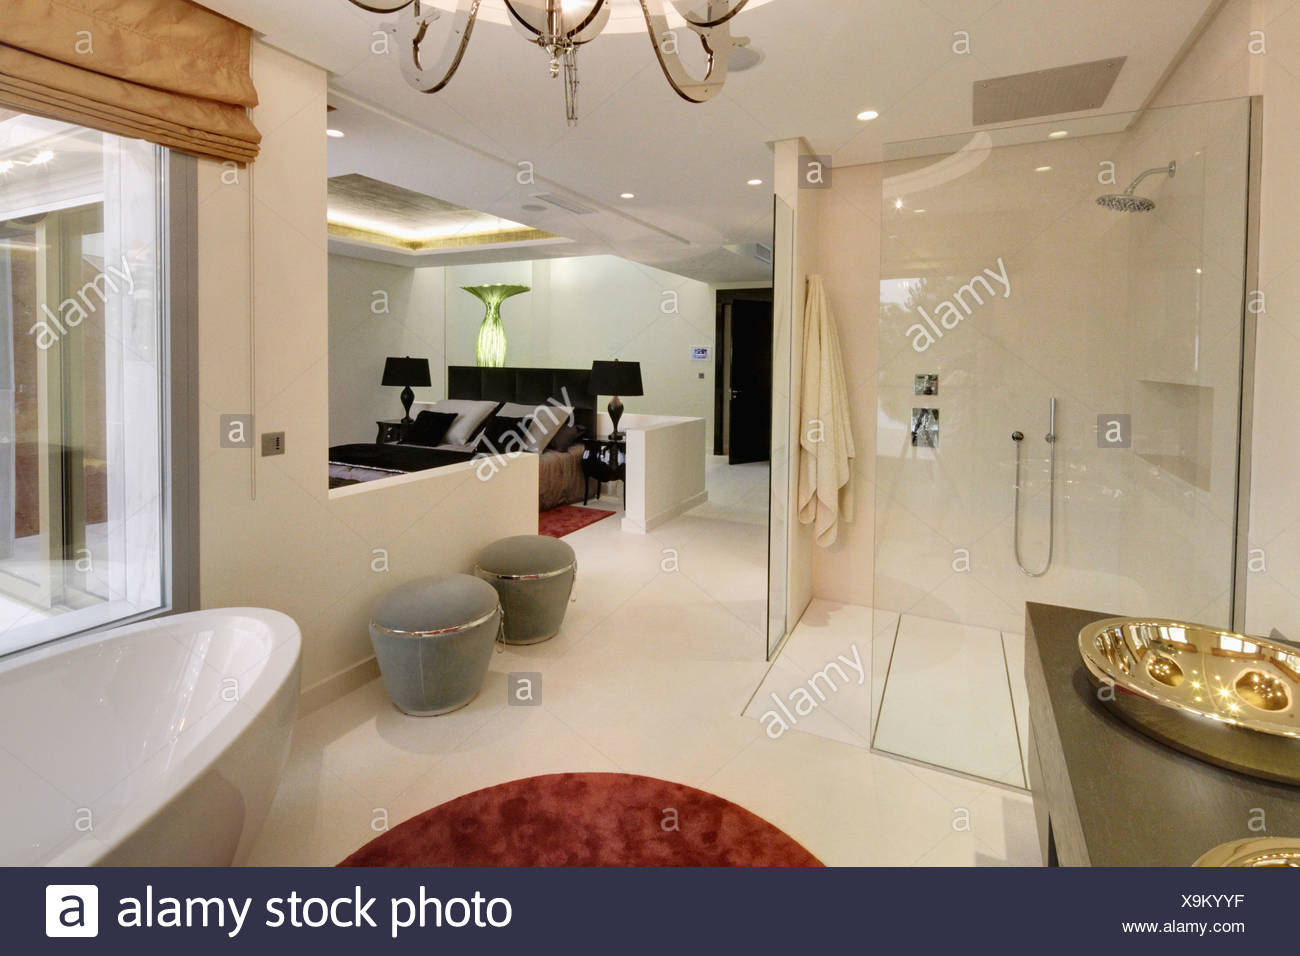 Schon Großer Begehbarer Dusche Und Graue Stühle In Offene En Suite Badezimmer Im  Modernen Spanischen Wohnung Schlafzimmer